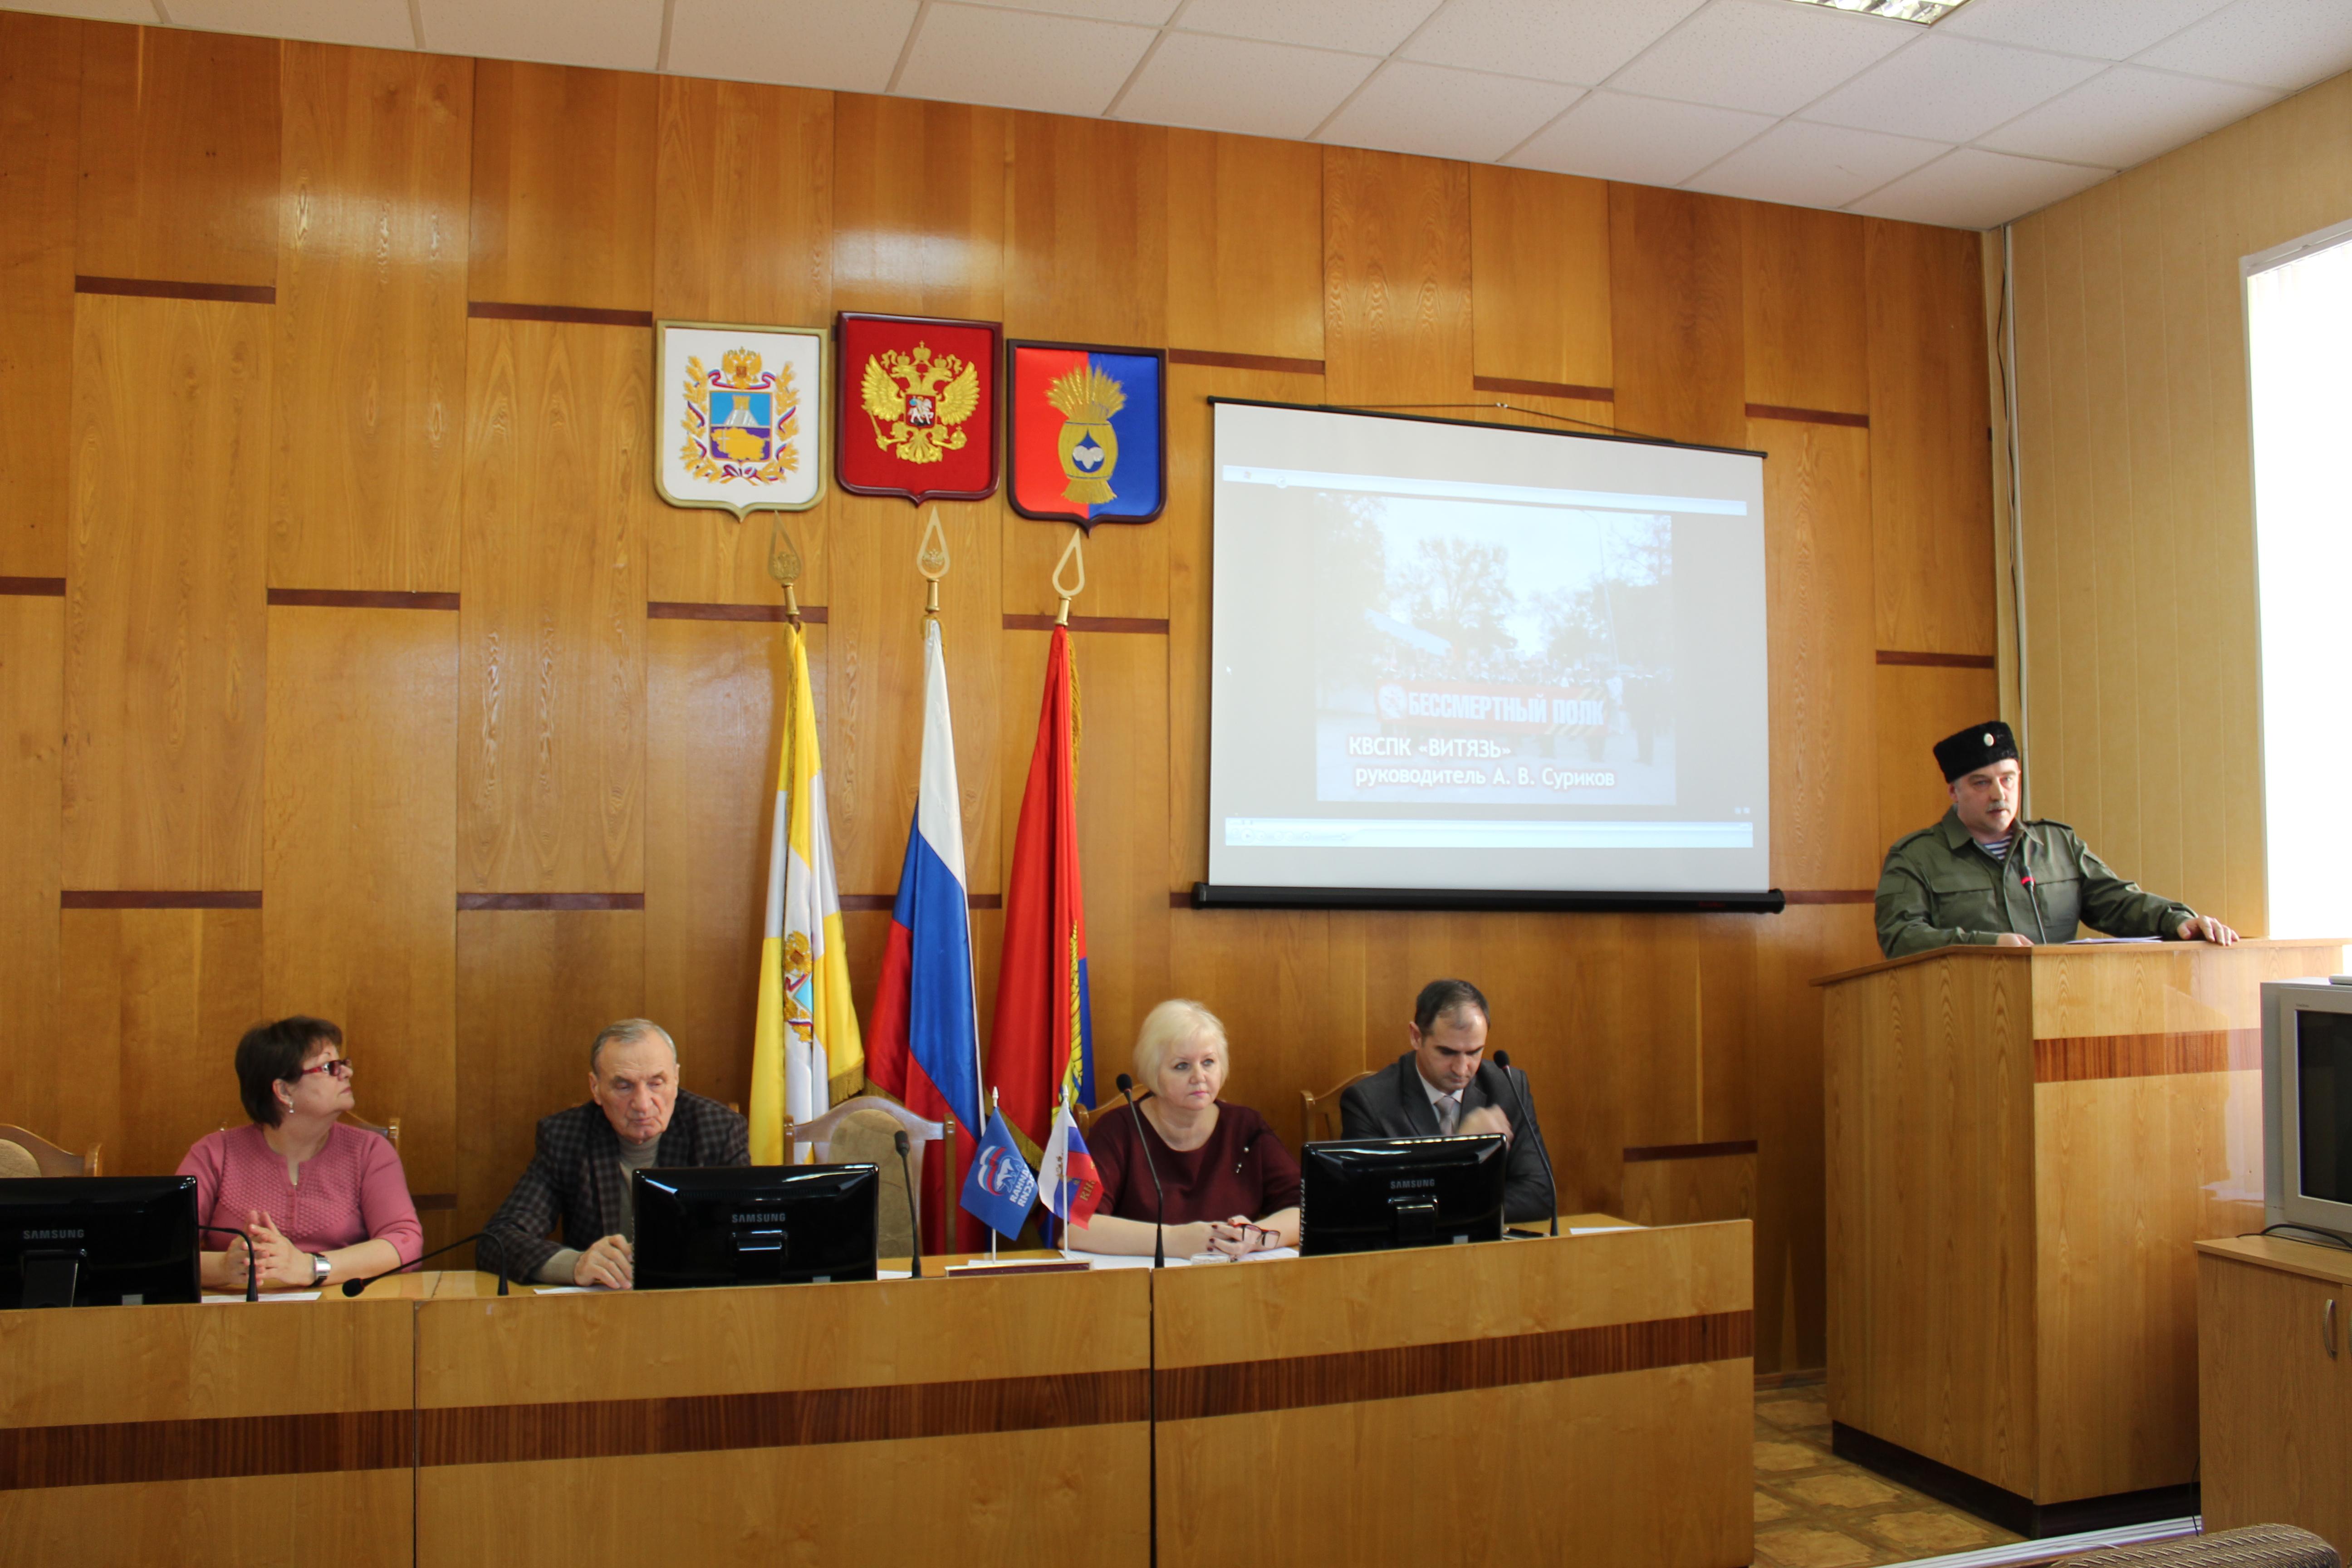 Общественный совет Ипатовского городского округа: заседание – первое, но вопросов много